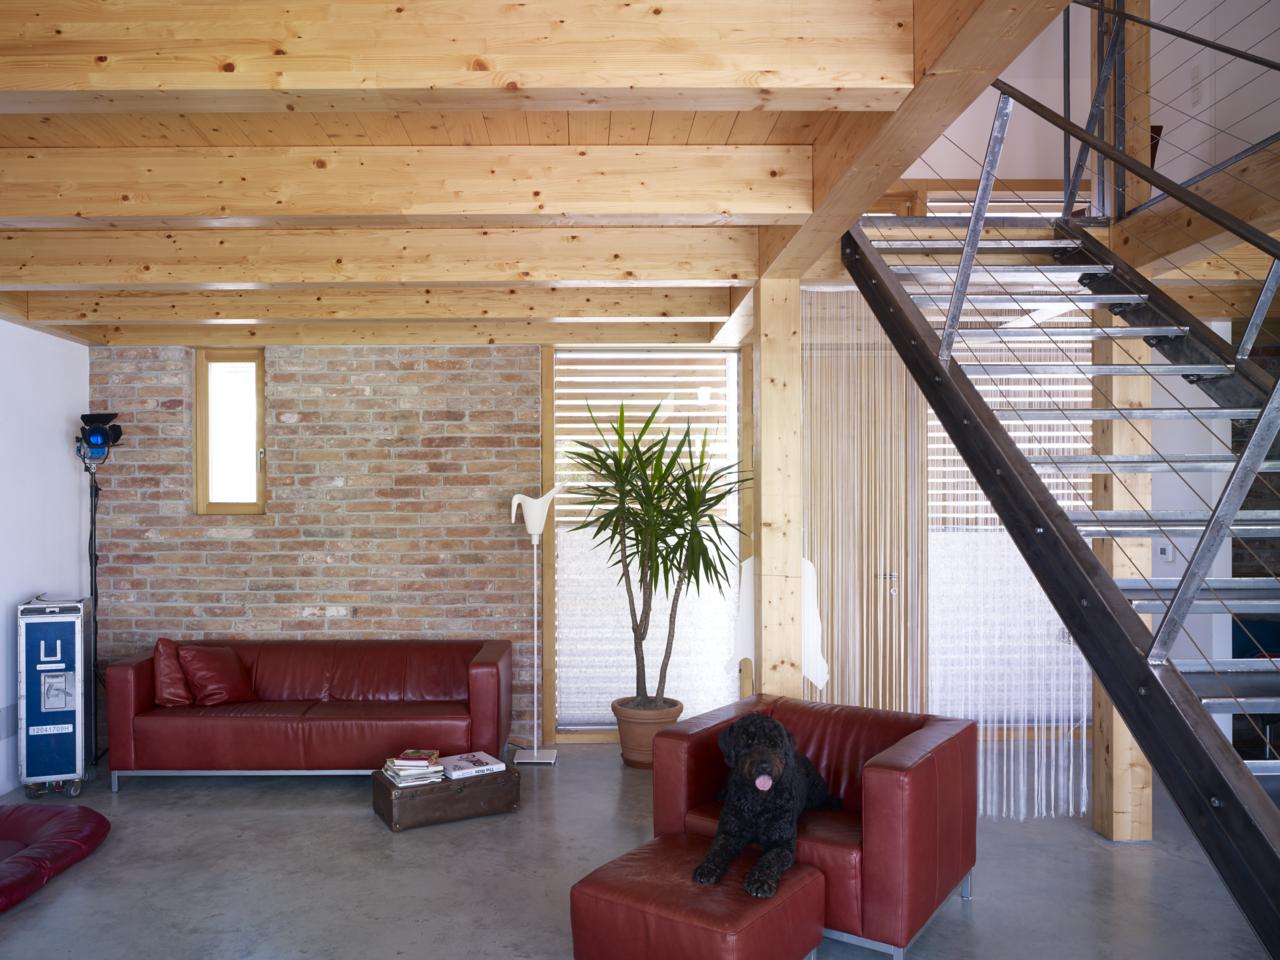 la trasformazione di un fienile in una residenza